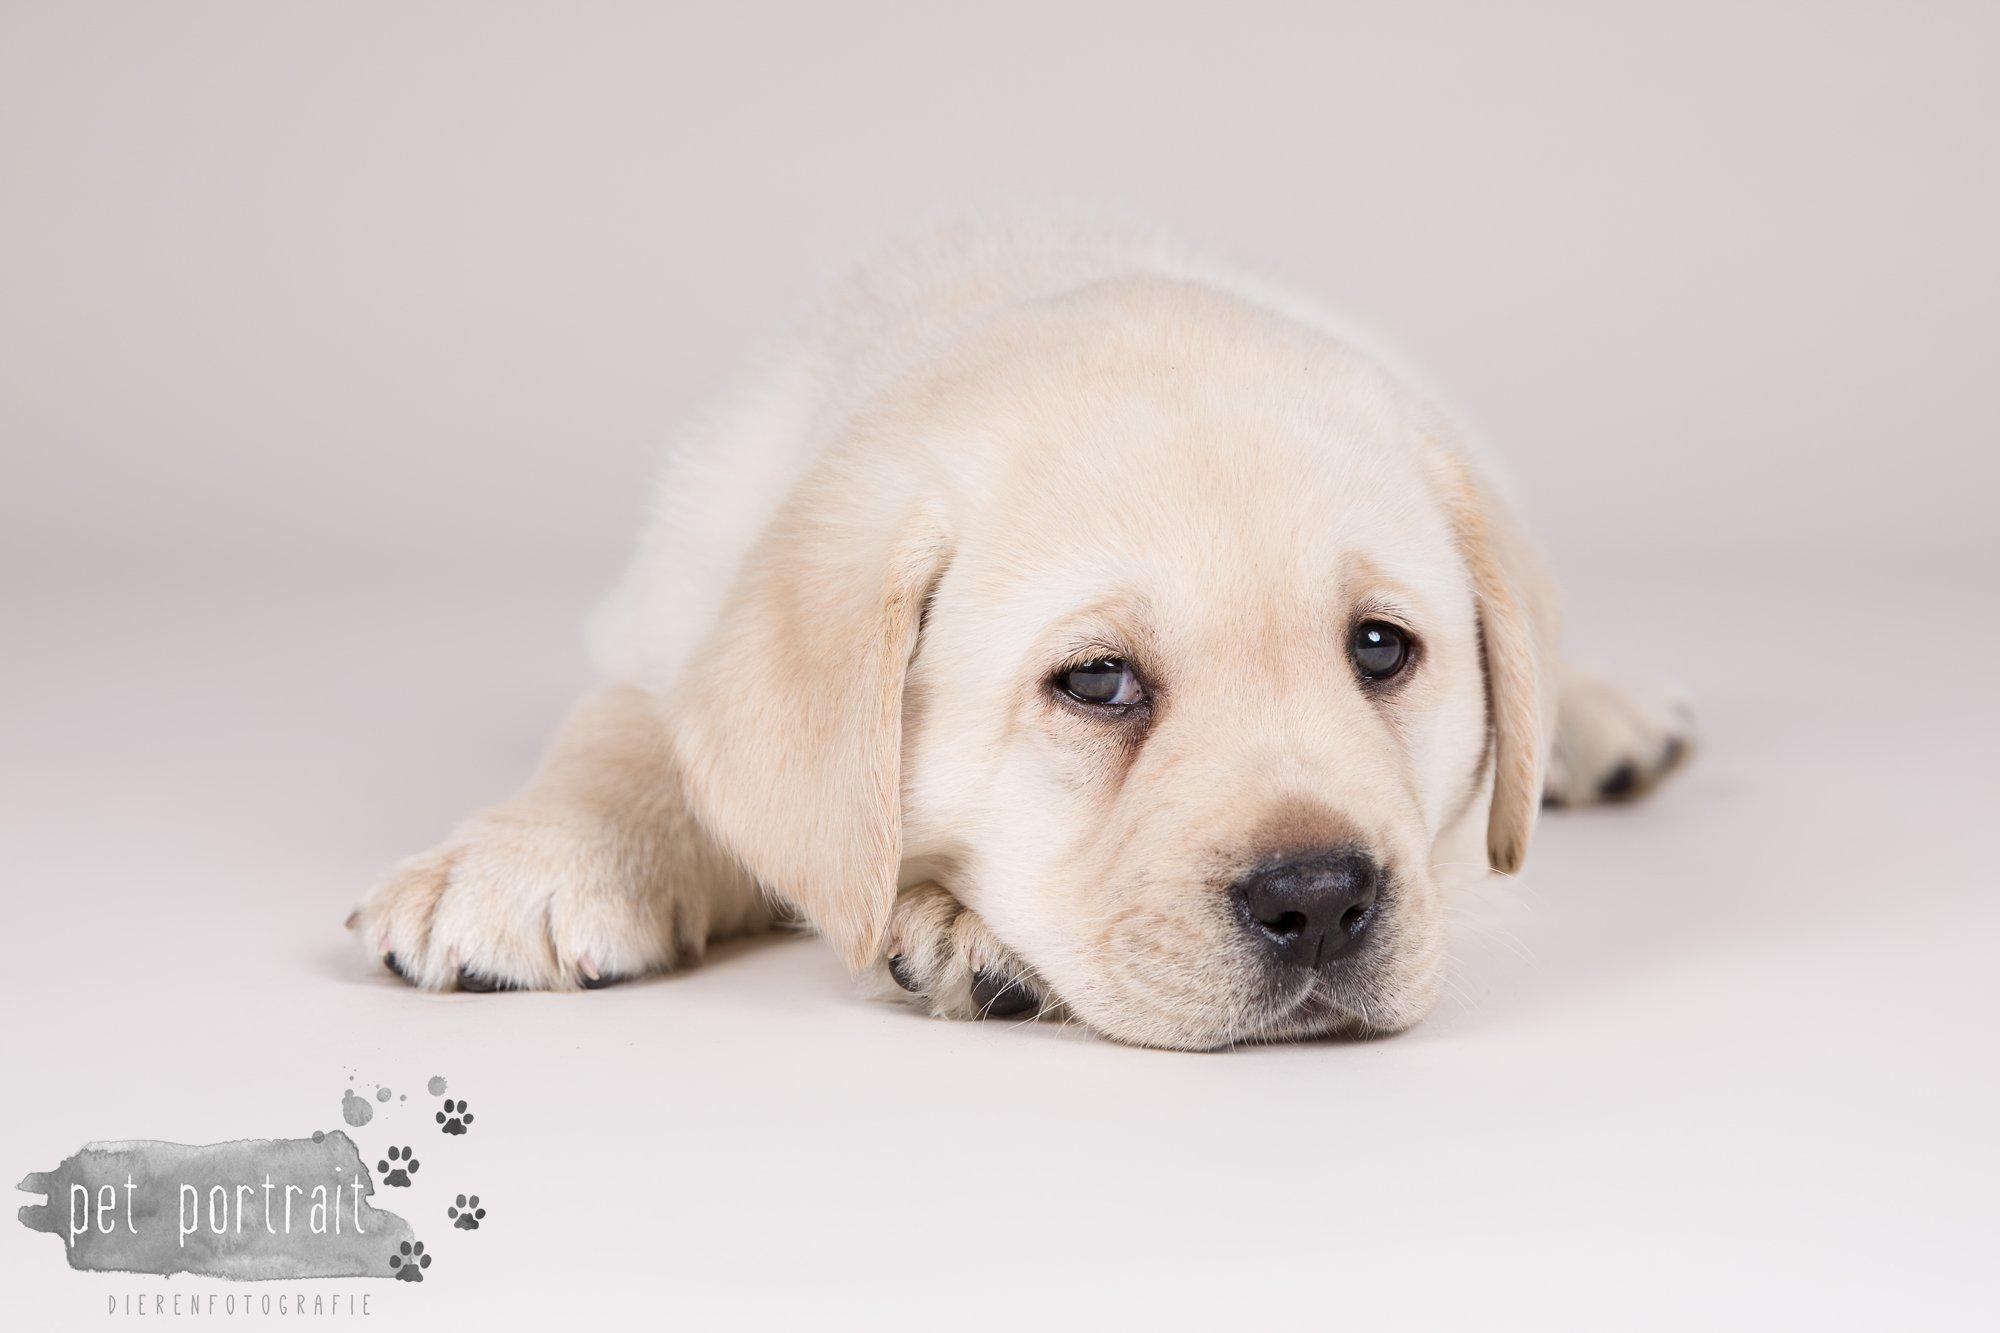 Hondenfotograaf Hillegom - Nestfotoshoot voor Labrador pups-10